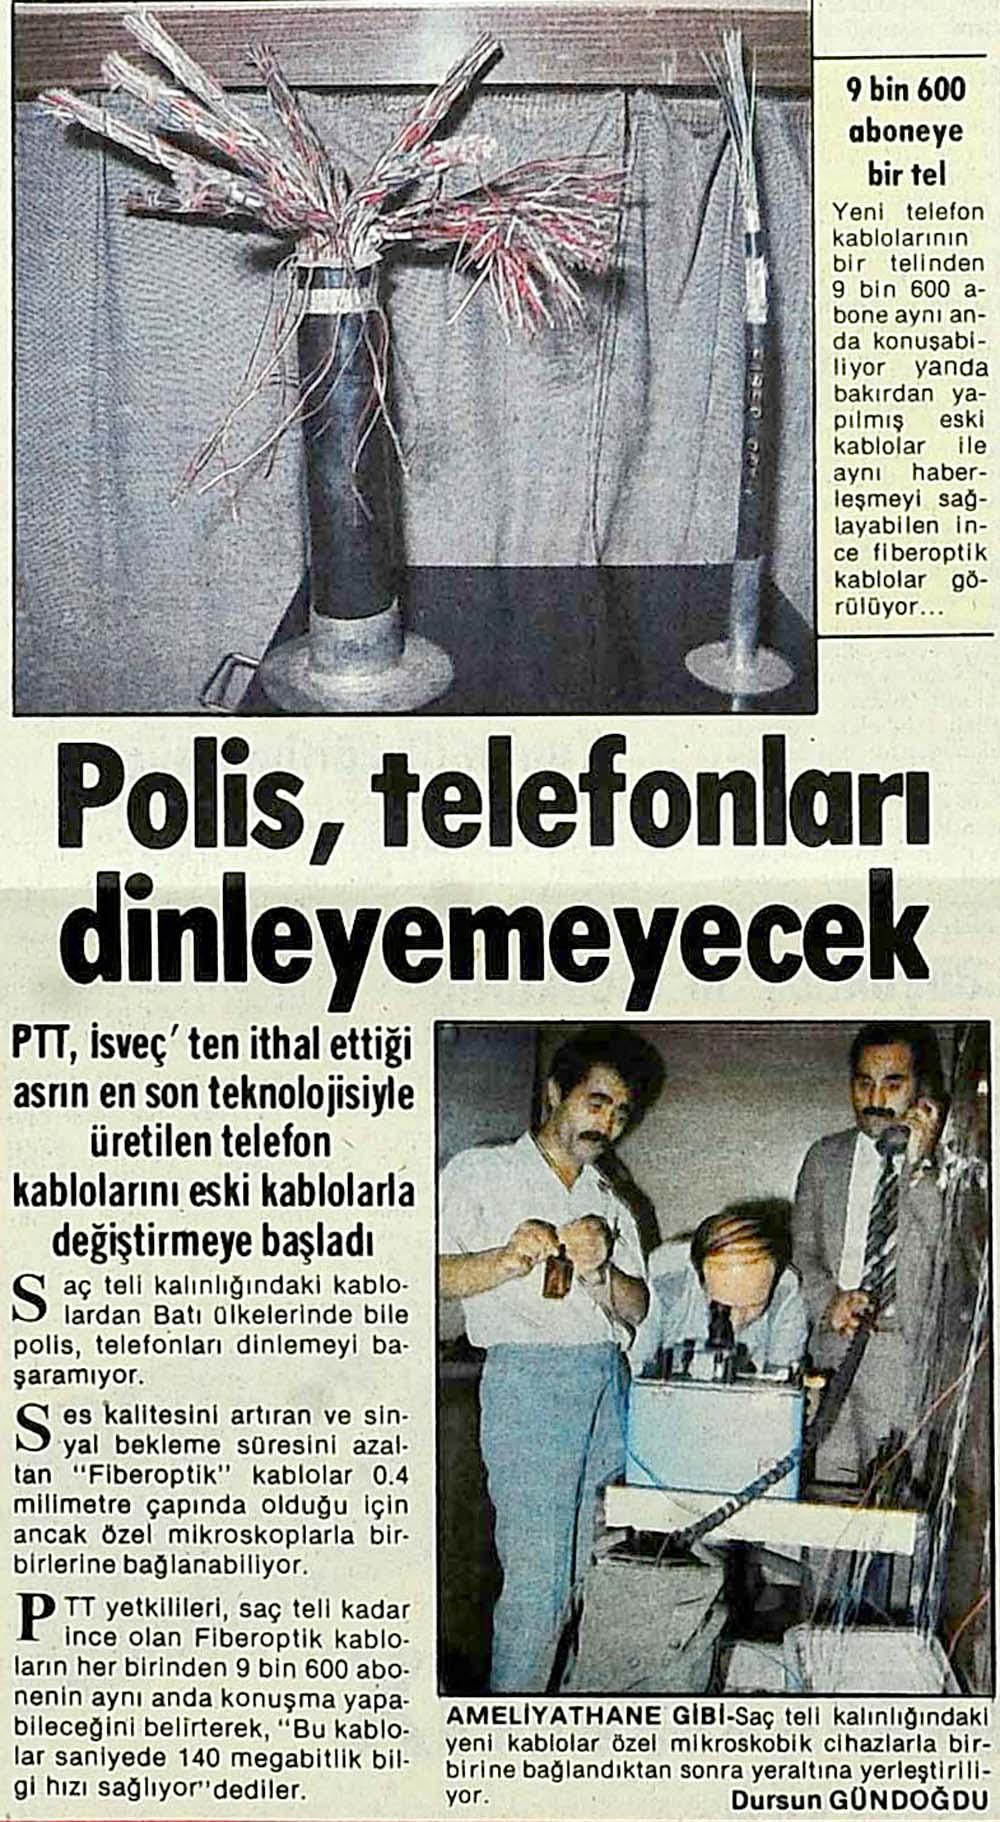 Polis, telefonları dinleyemeyecek